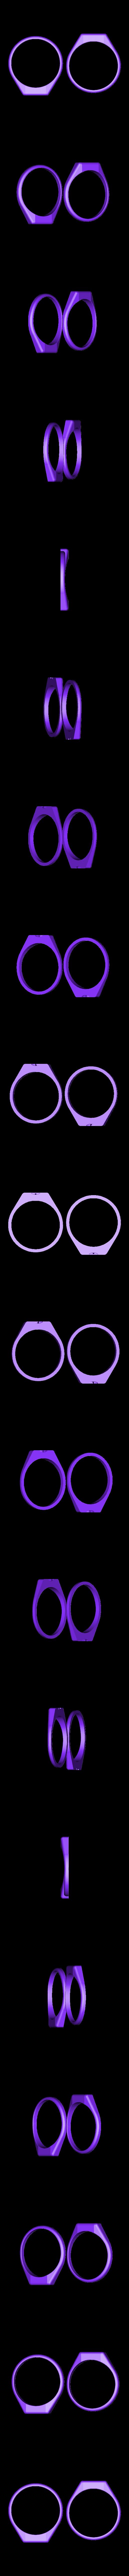 Templar ring split.stl Télécharger fichier STL gratuit Bague de templier • Objet à imprimer en 3D, M3Dr